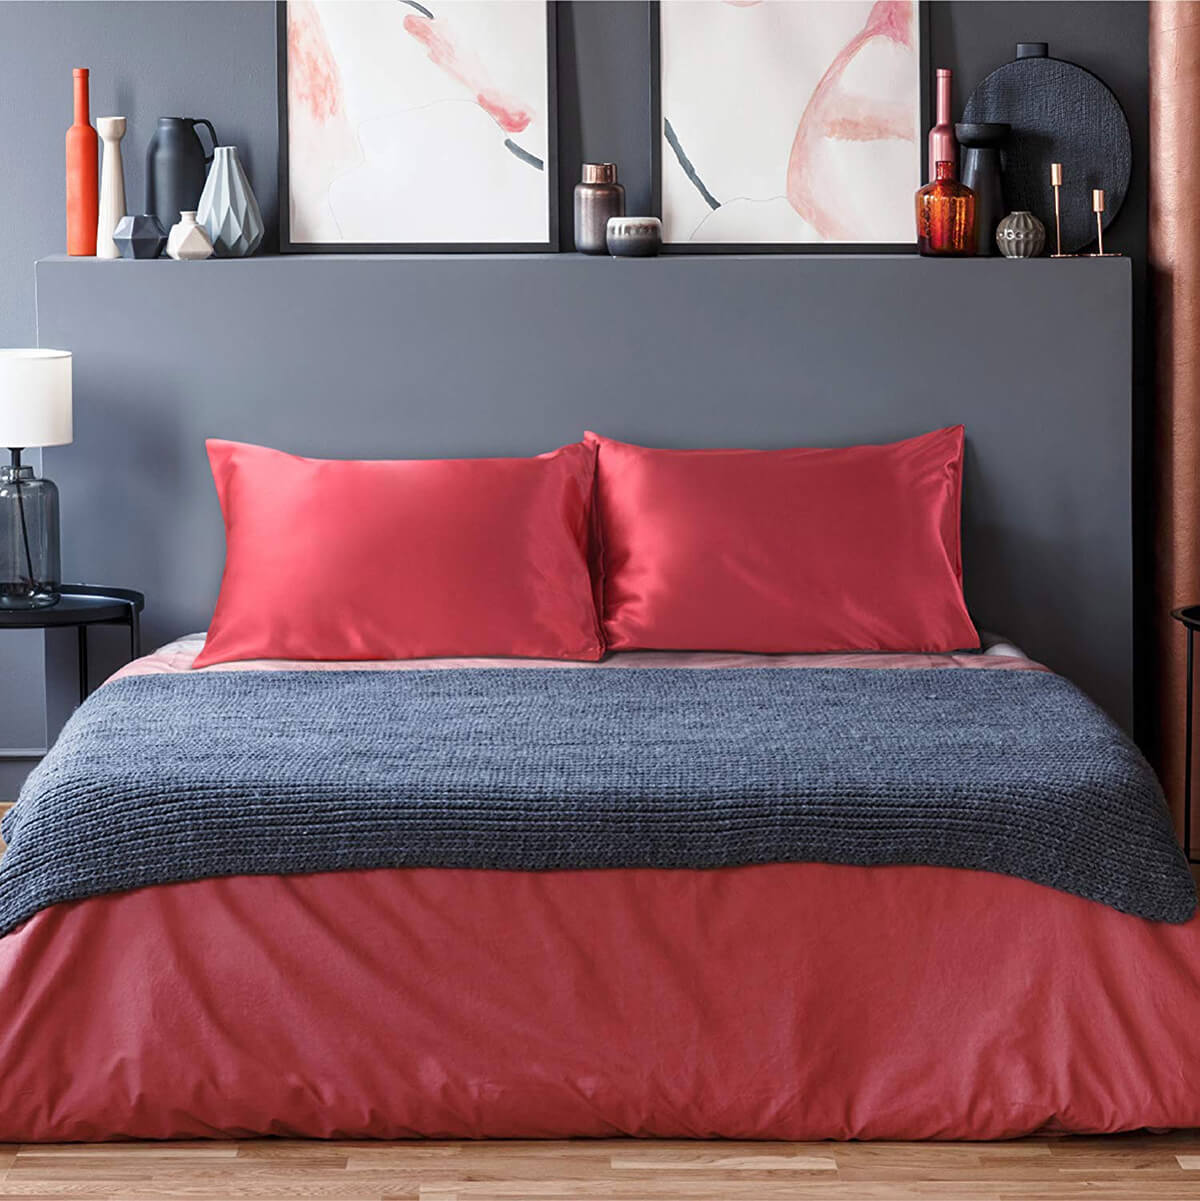 silk pillowcase ideas and designs